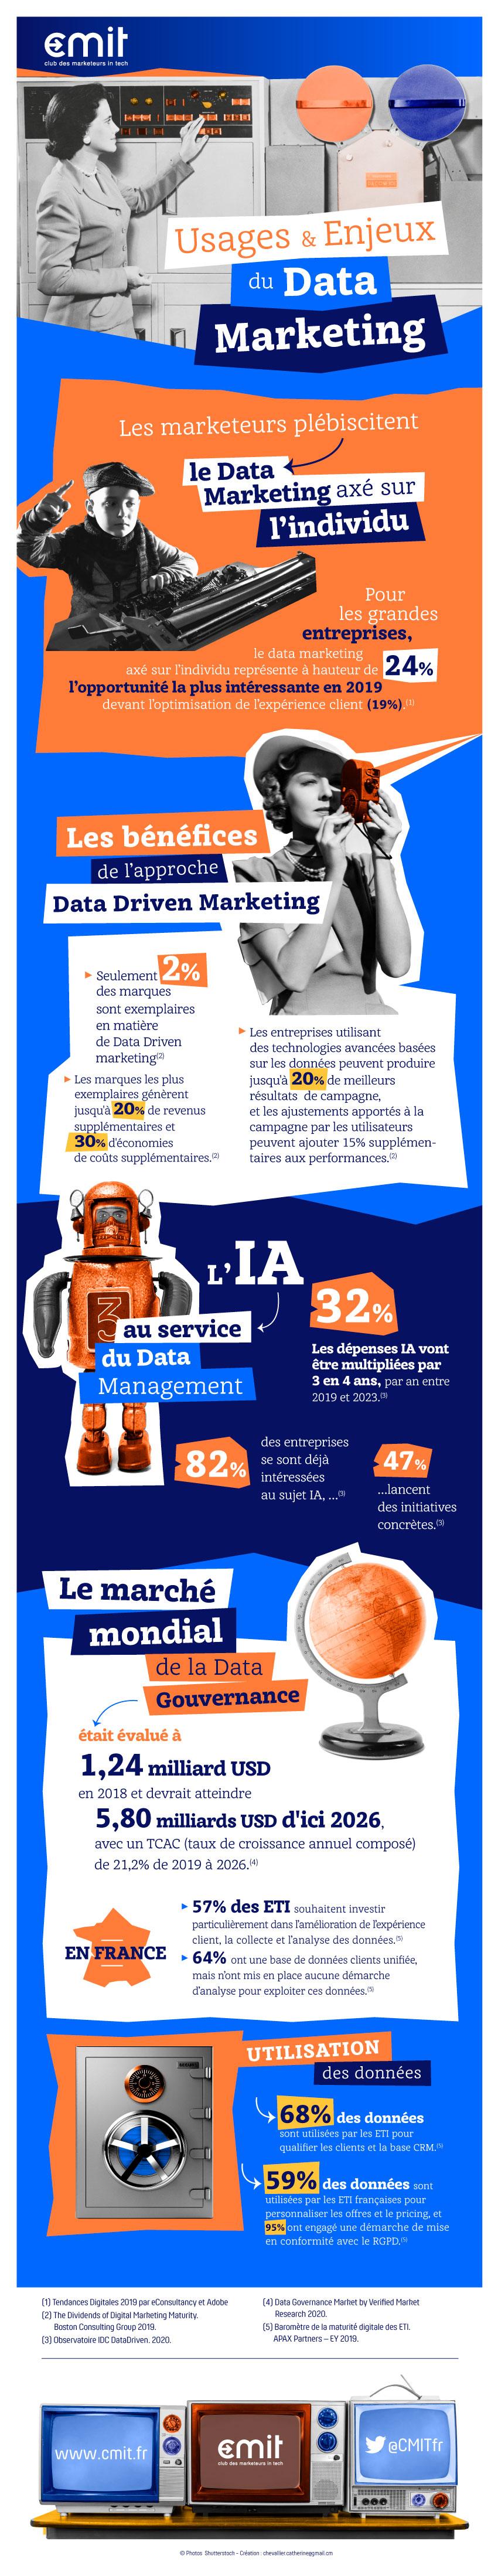 Infographie - Usages & Enjeux du Data Marketing